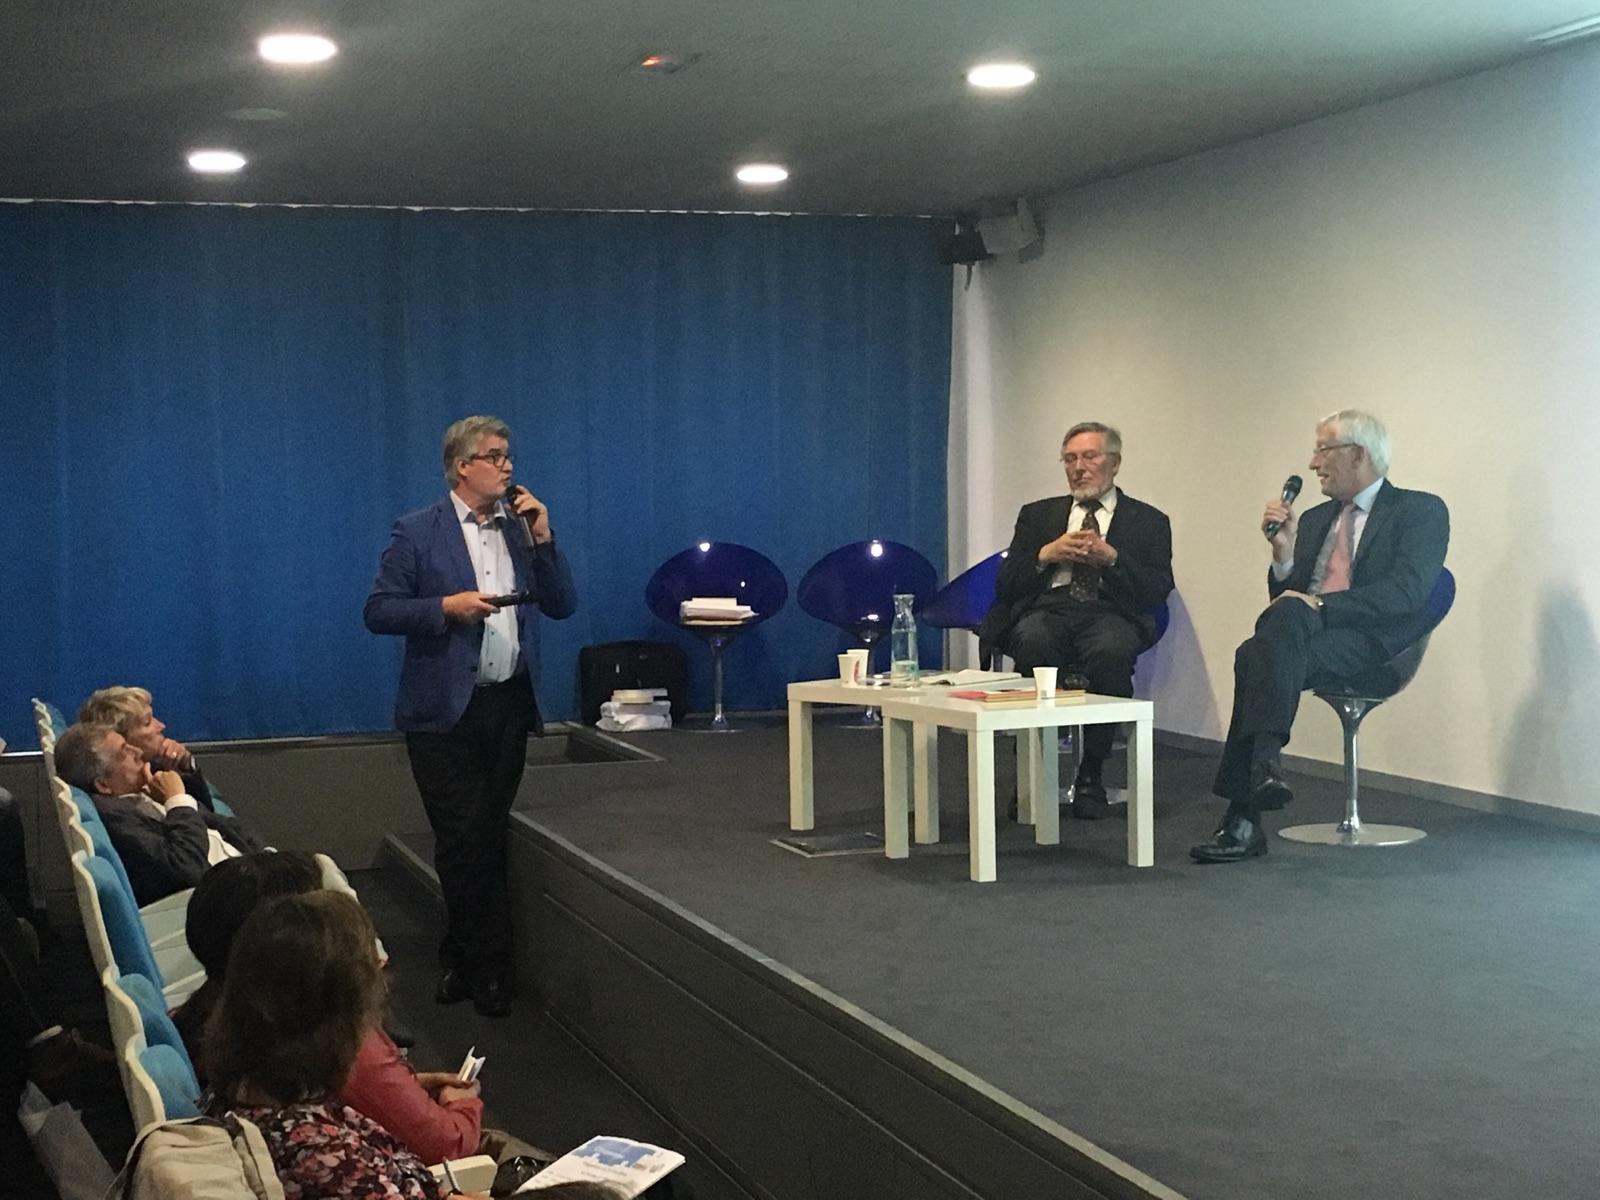 Roger Belot (à droite) présente la 3ème édition du Prix parrainé par la MAIF dont il est le président d'honneur sous les yeux de Jean Auroux, ancien ministre du travail et parrain du Club des CE Citoyens...